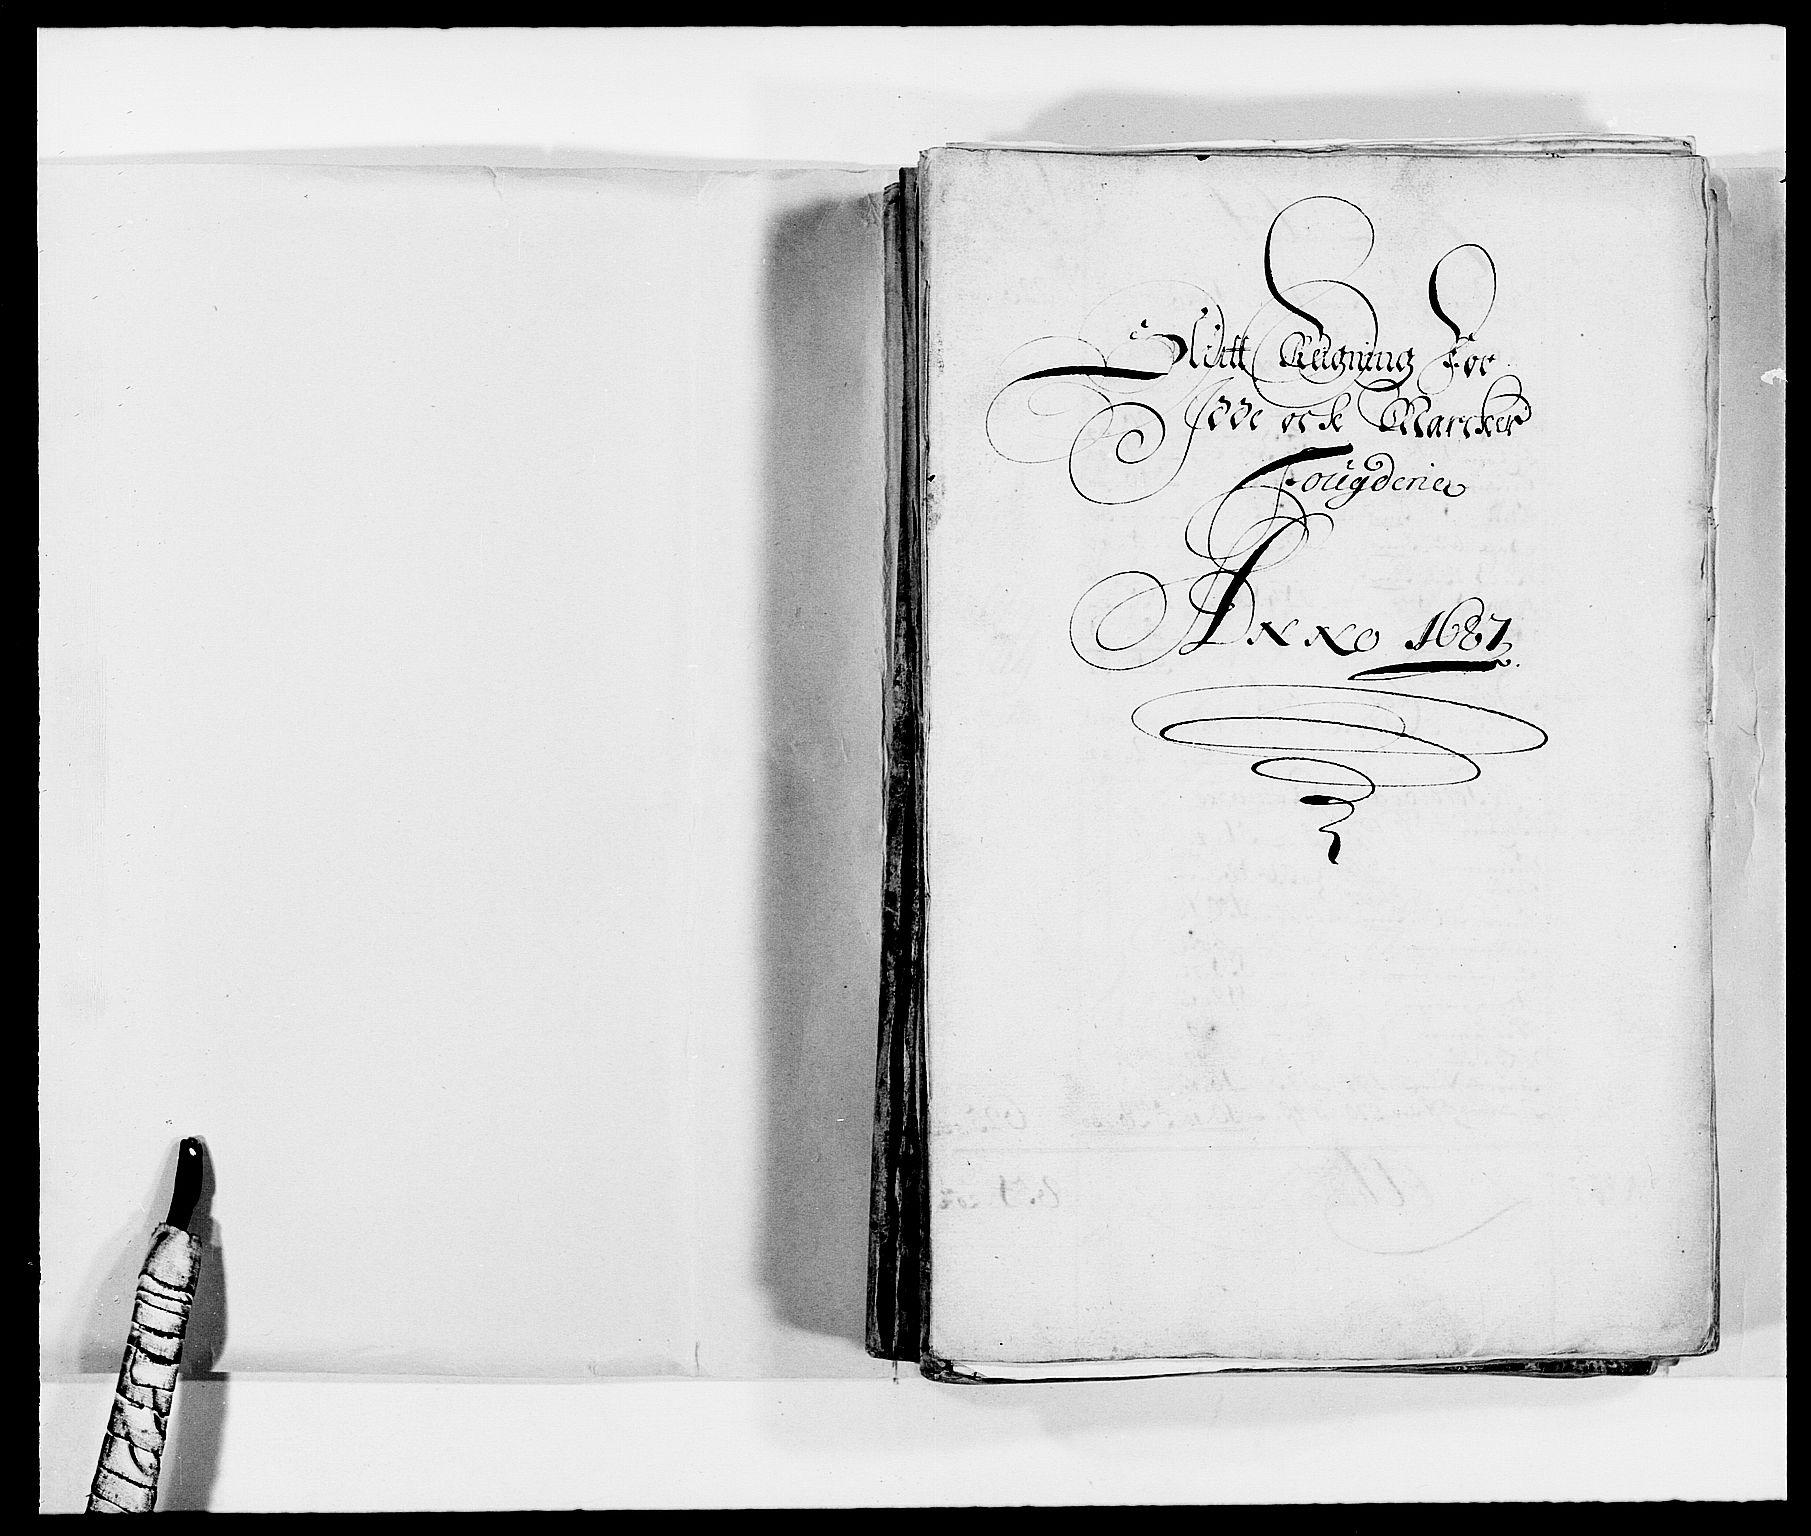 RA, Rentekammeret inntil 1814, Reviderte regnskaper, Fogderegnskap, R01/L0007: Fogderegnskap Idd og Marker, 1687-1688, s. 2